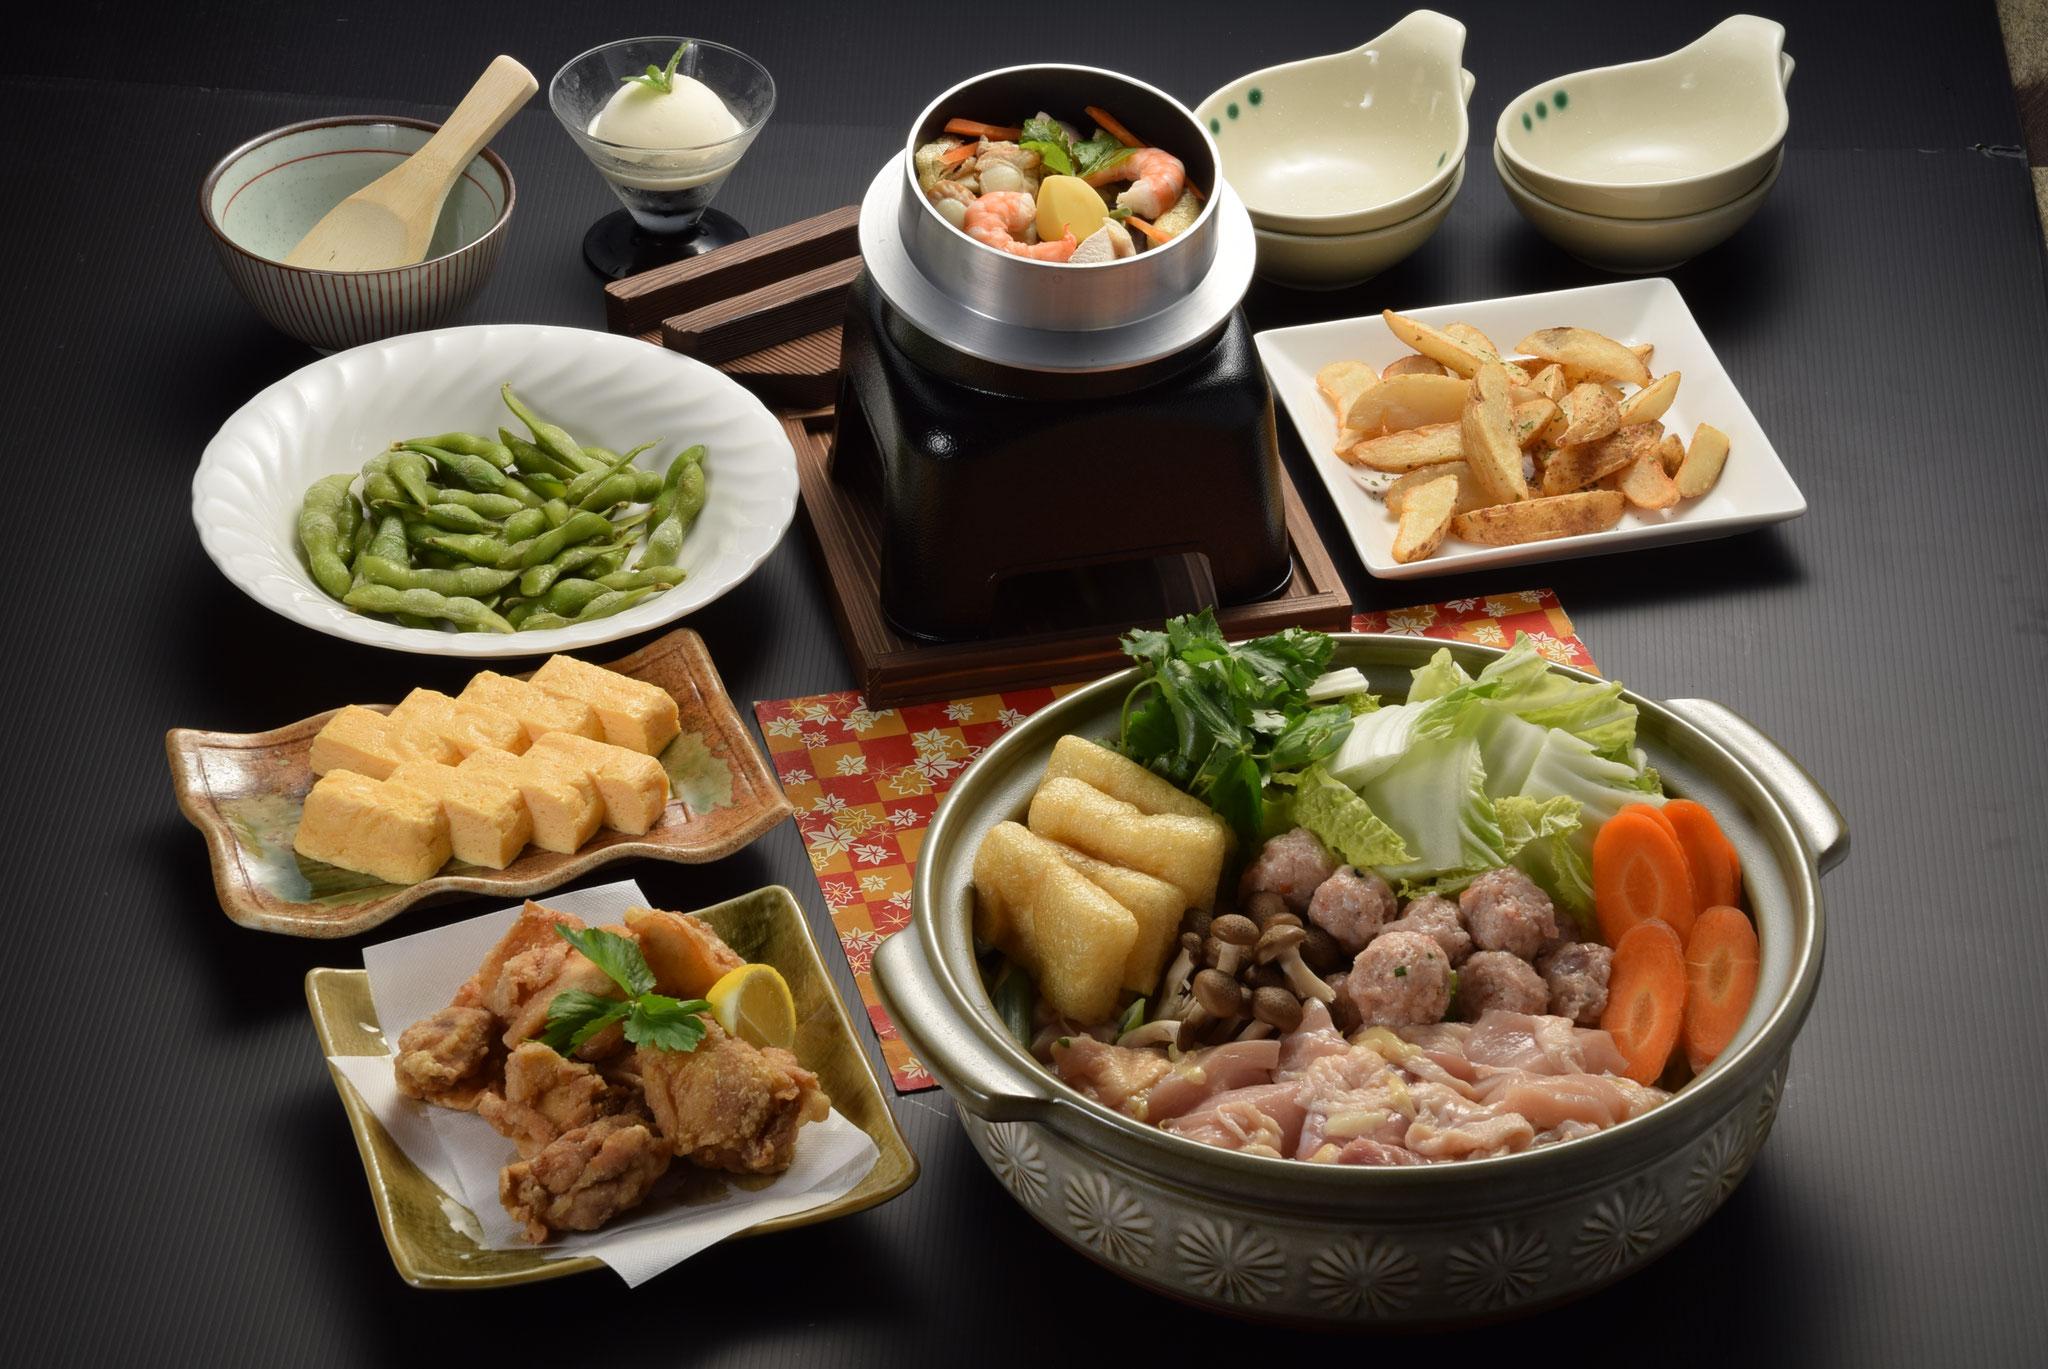 ①お鍋と釜飯(お鍋:水炊き/釜飯:五目or山菜or梅しらす からお好きな組み合わせで)